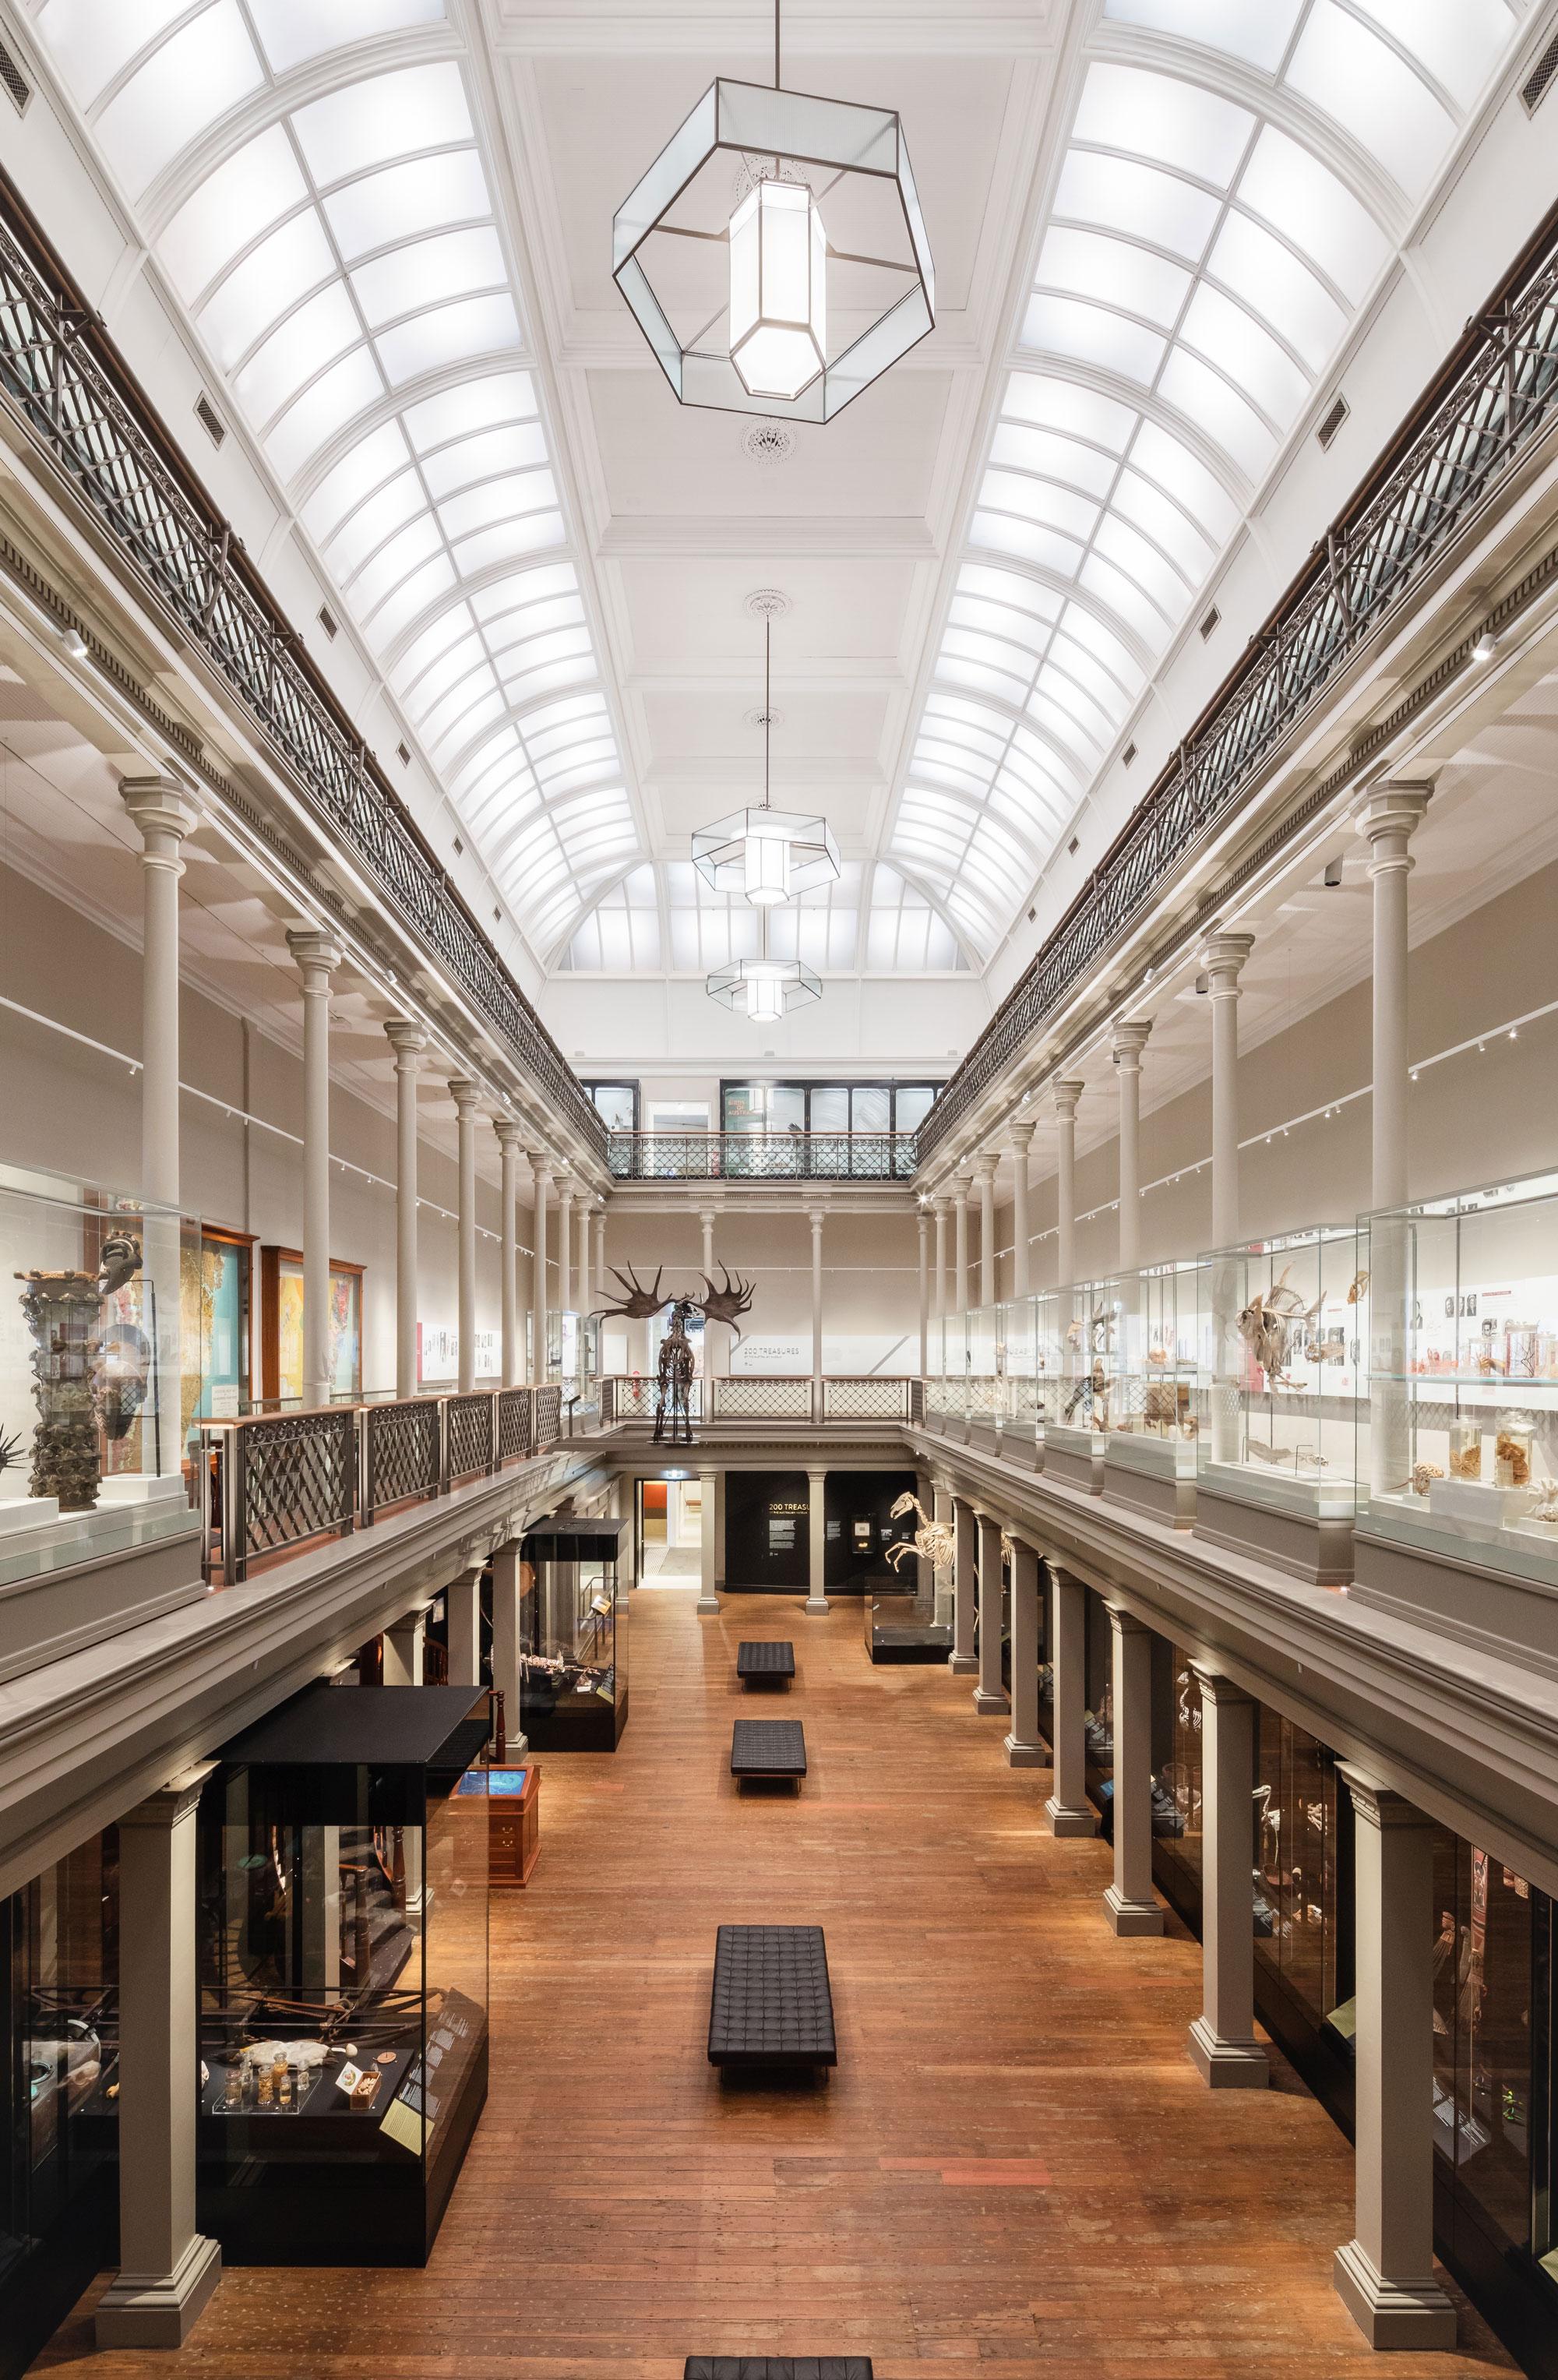 Australian museum long gallery 00001